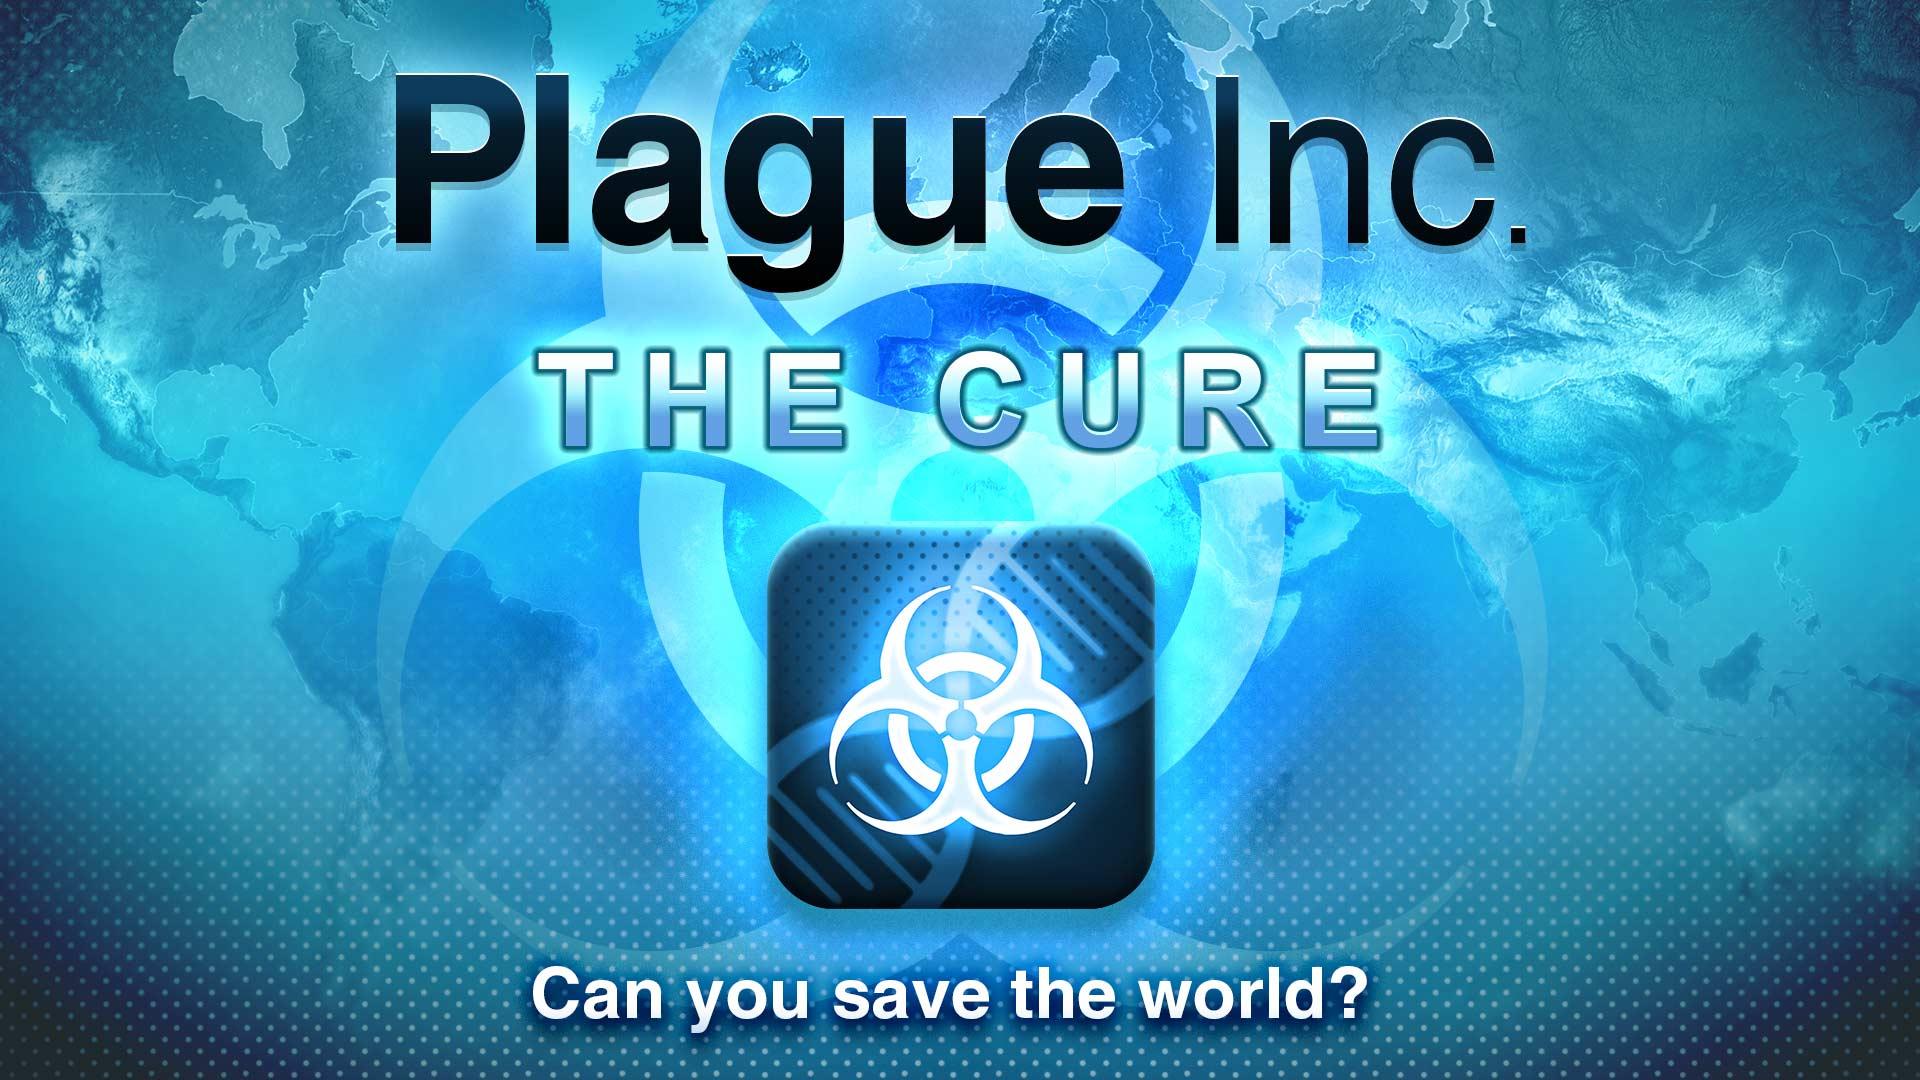 بستهی الحاقی جدید .Plague Inc شما را به مبارزه با یک همهگیری جهانی میفرستد